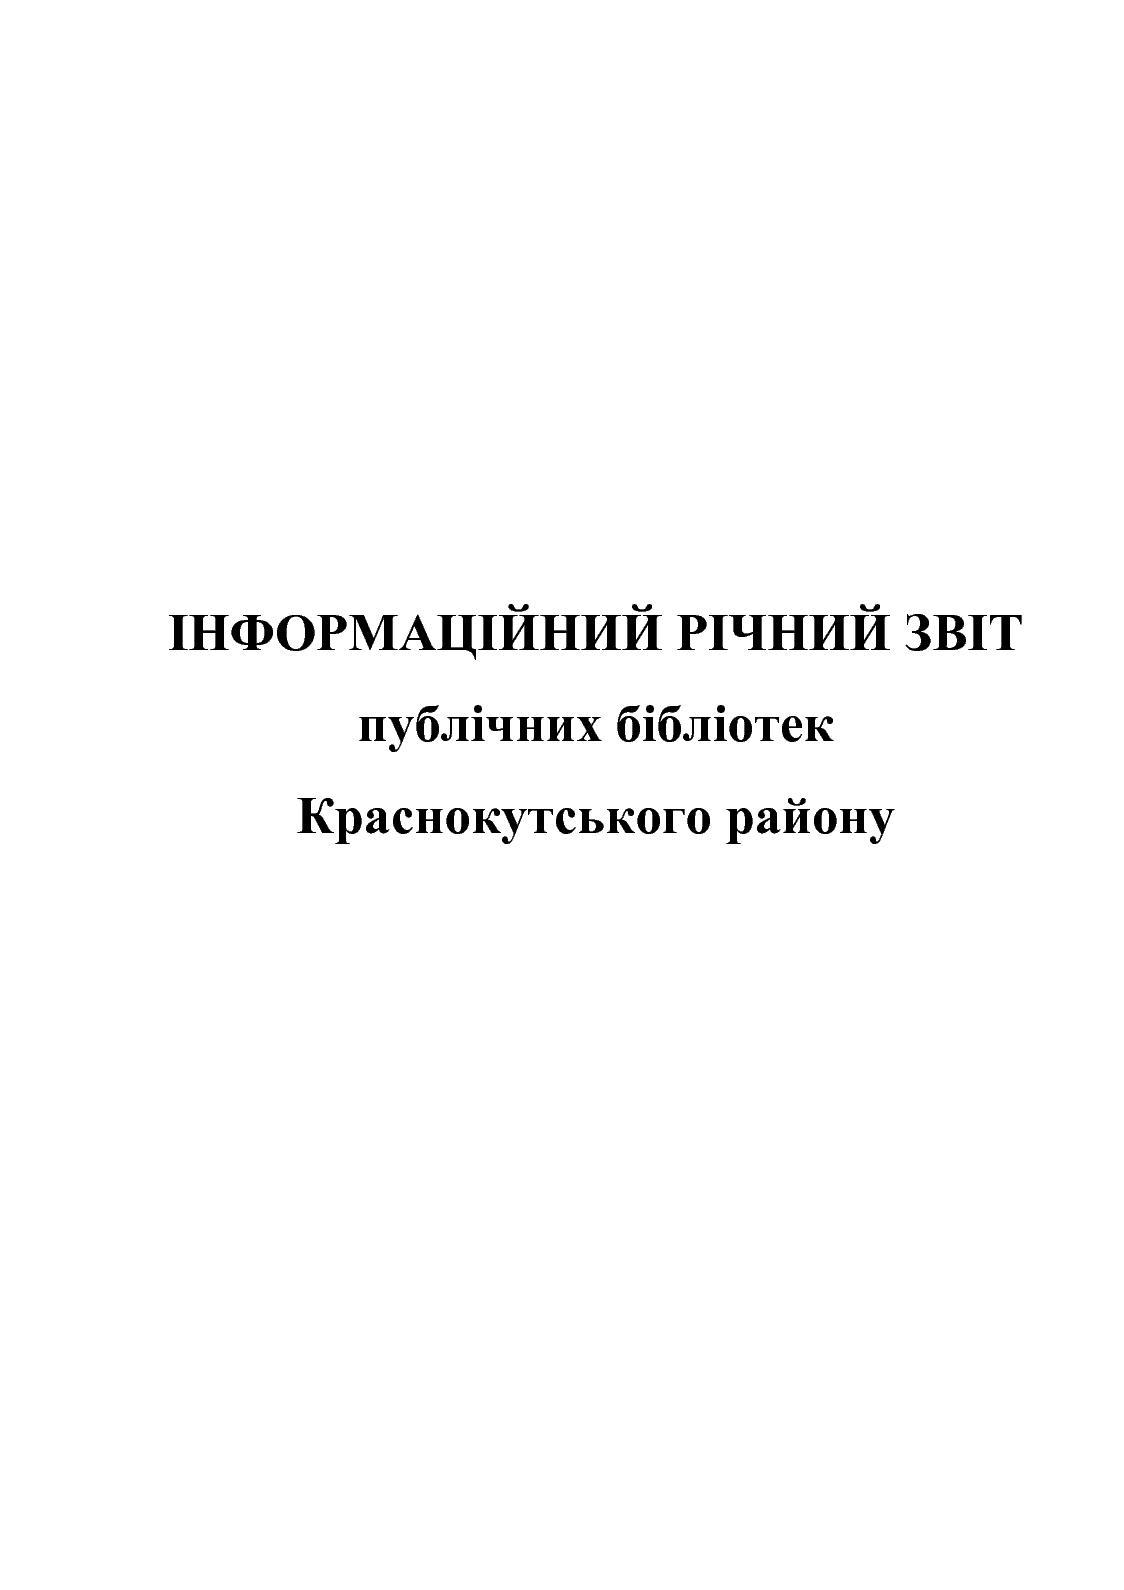 Інформаційний річний звіт публічних бібліотек Краснокутського району